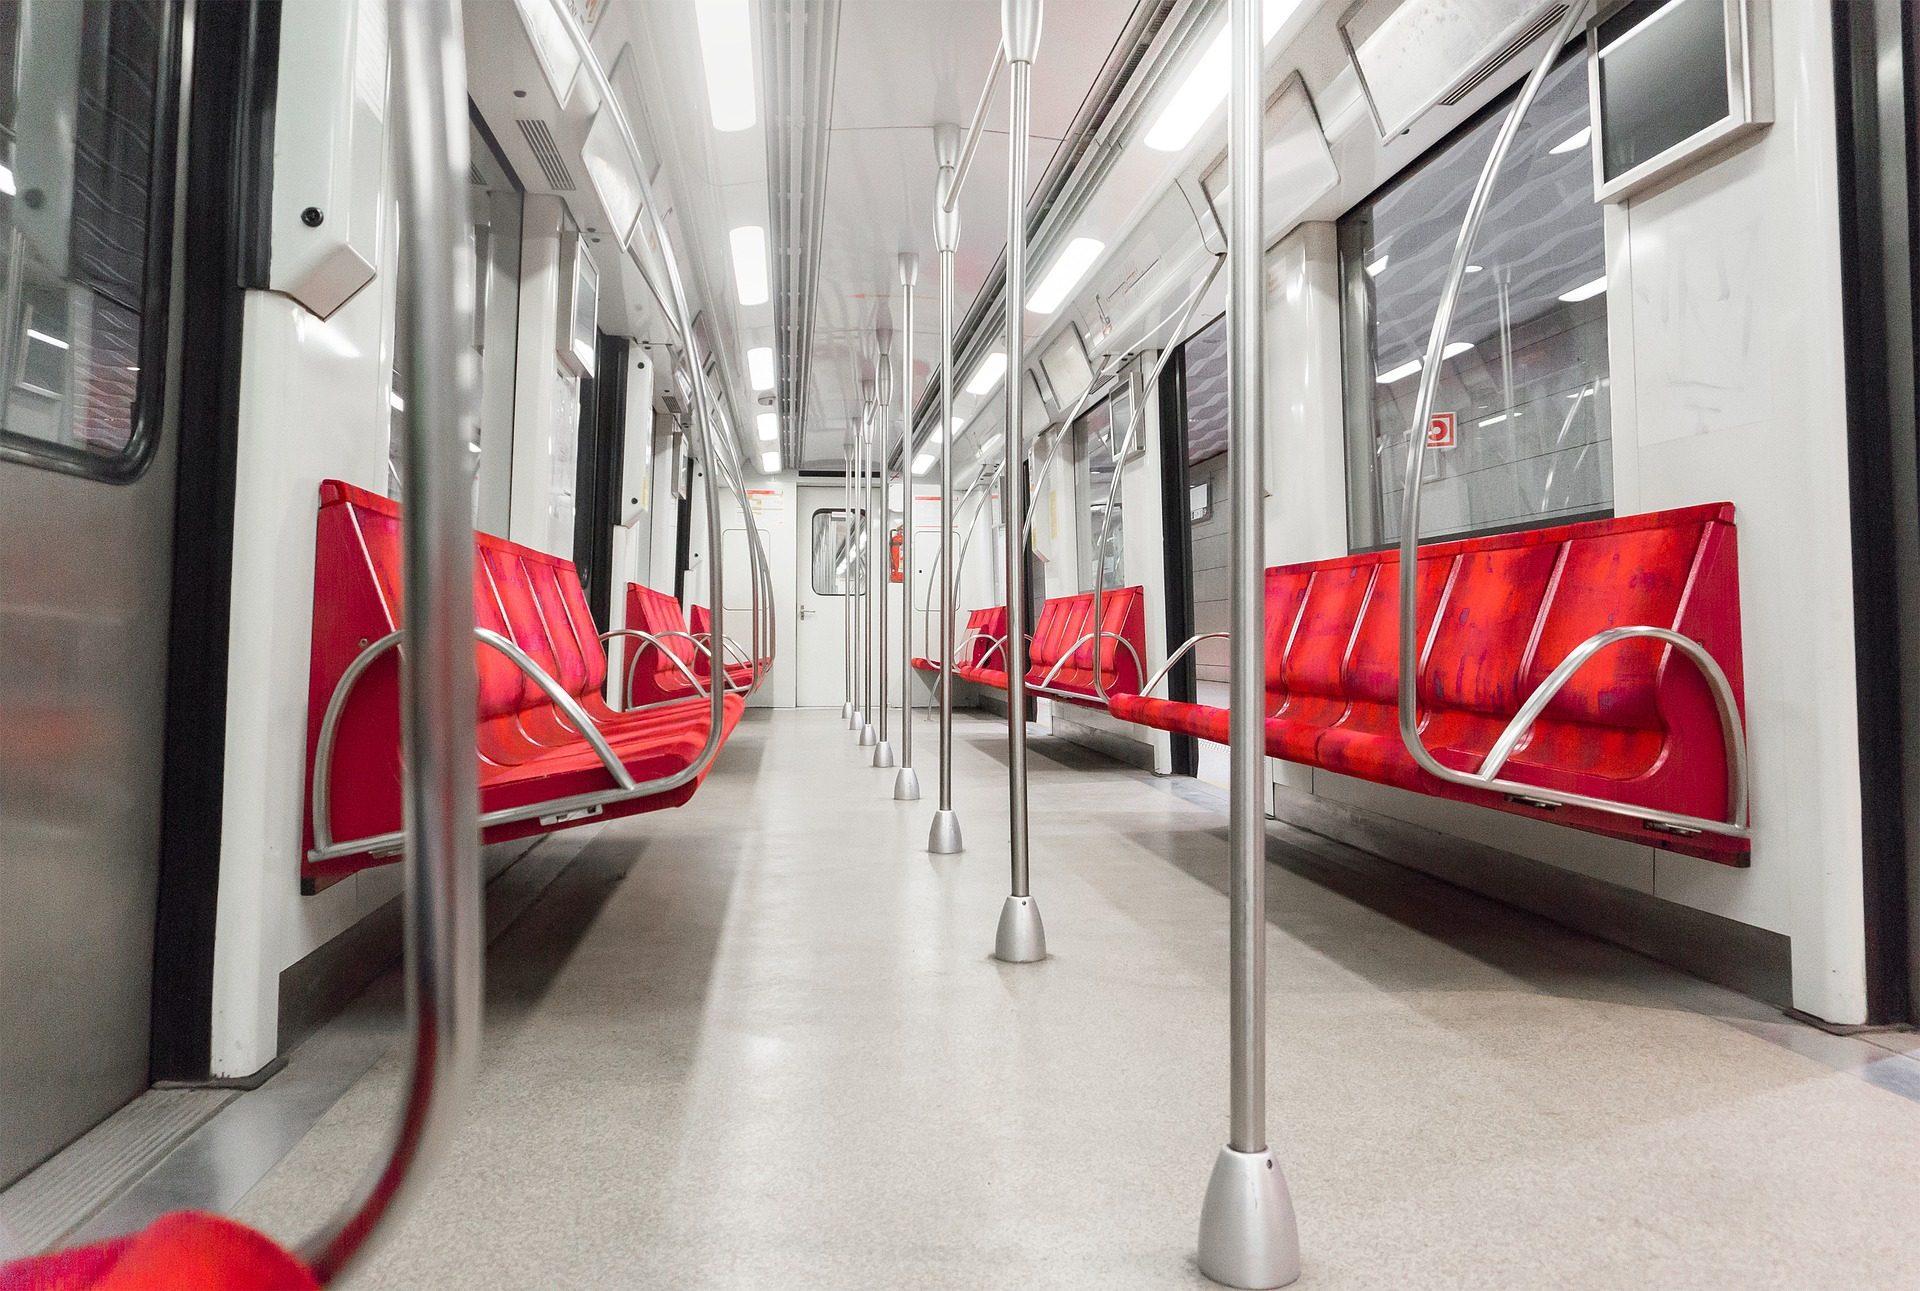 Metropolitana, tram, vagone, posti a sedere, metallo, Soledad - Sfondi HD - Professor-falken.com